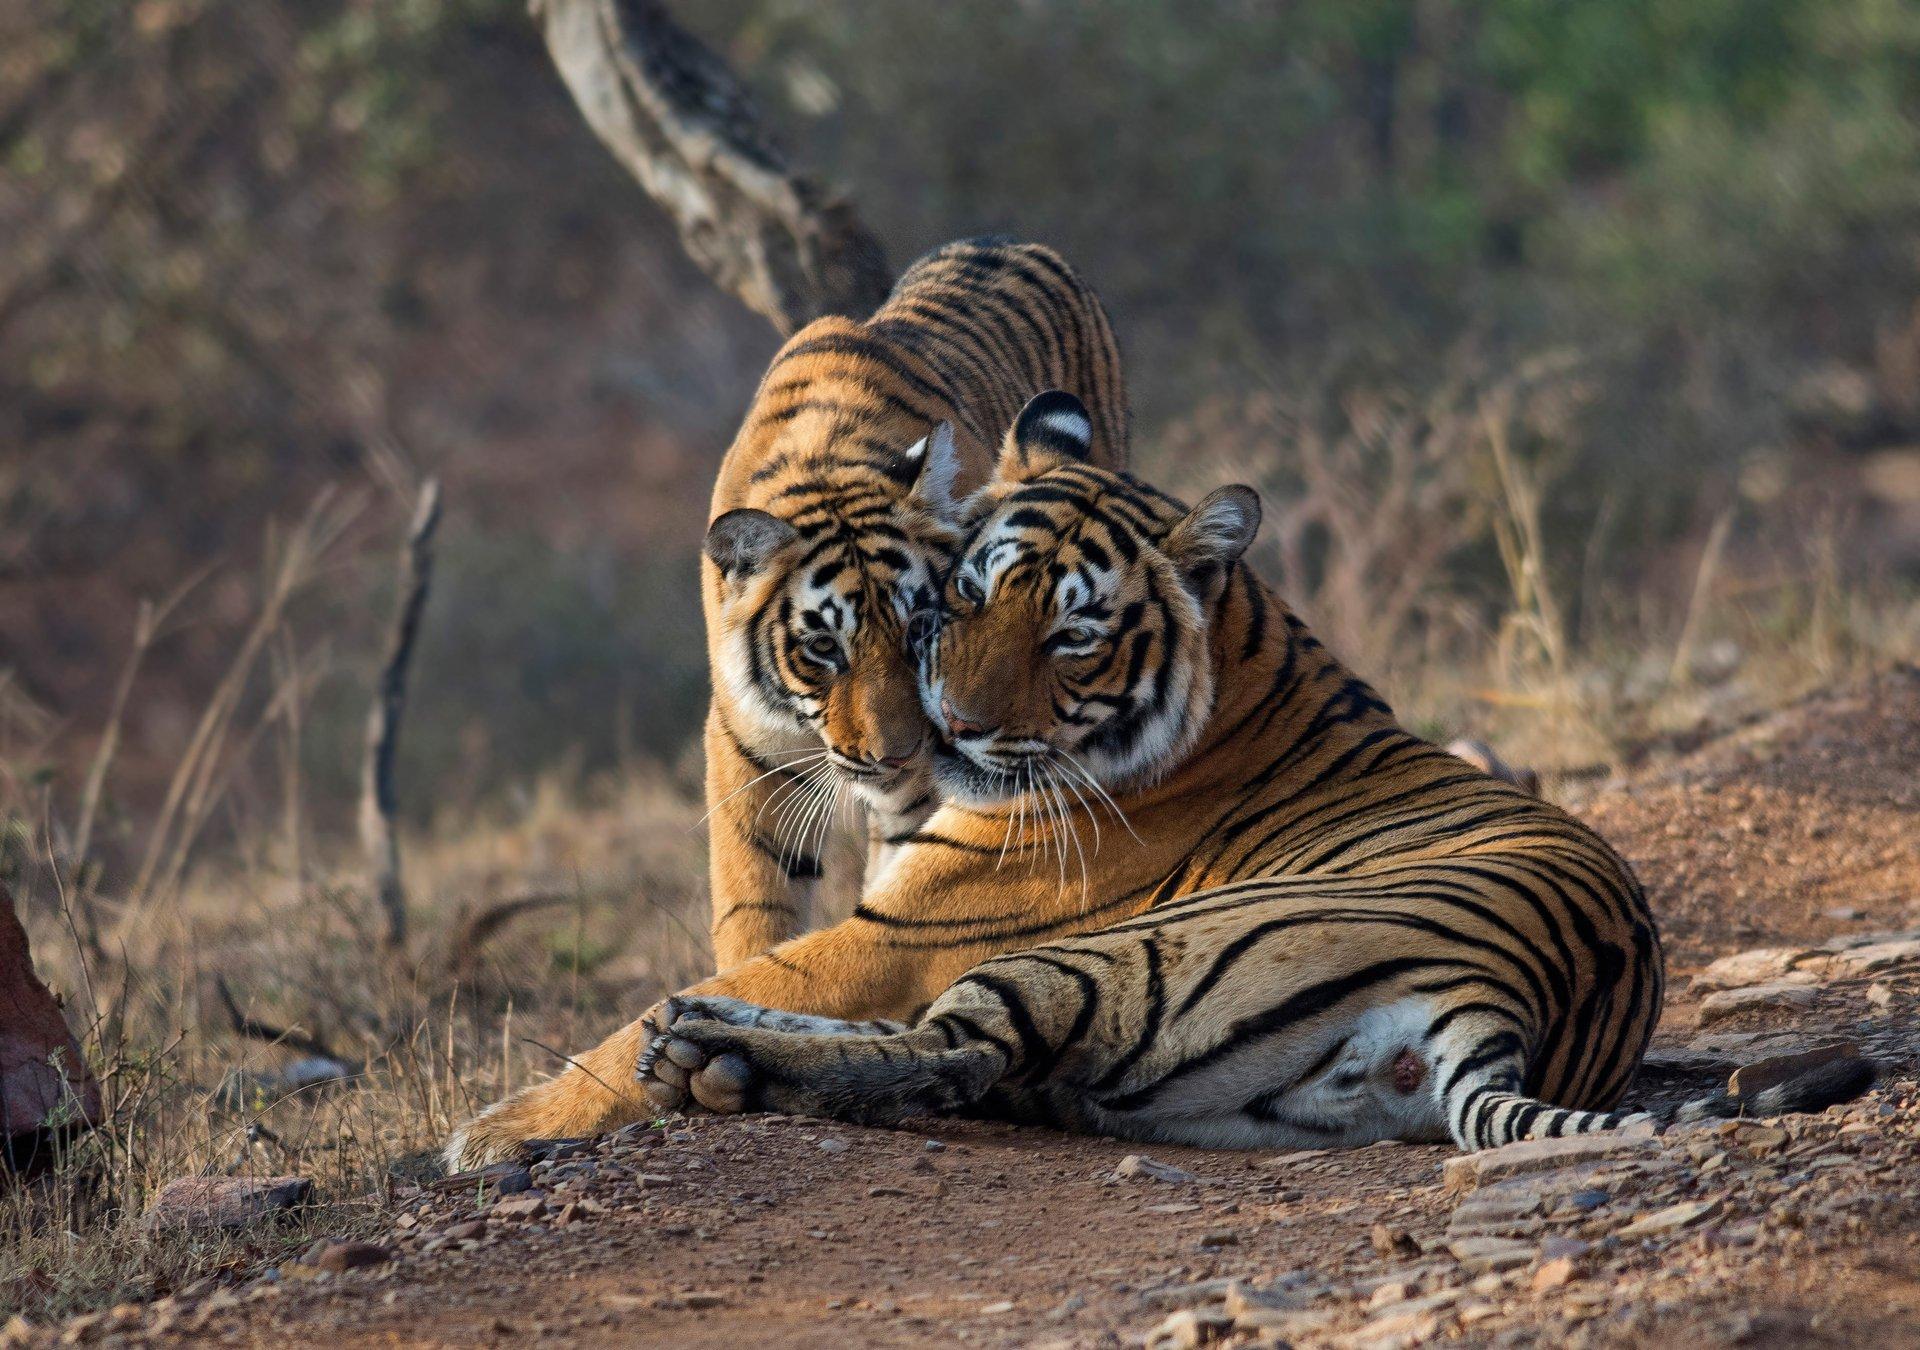 Tiger Safari in Ranthambore National Park in Taj Mahal and Agra  2019 - Best Time